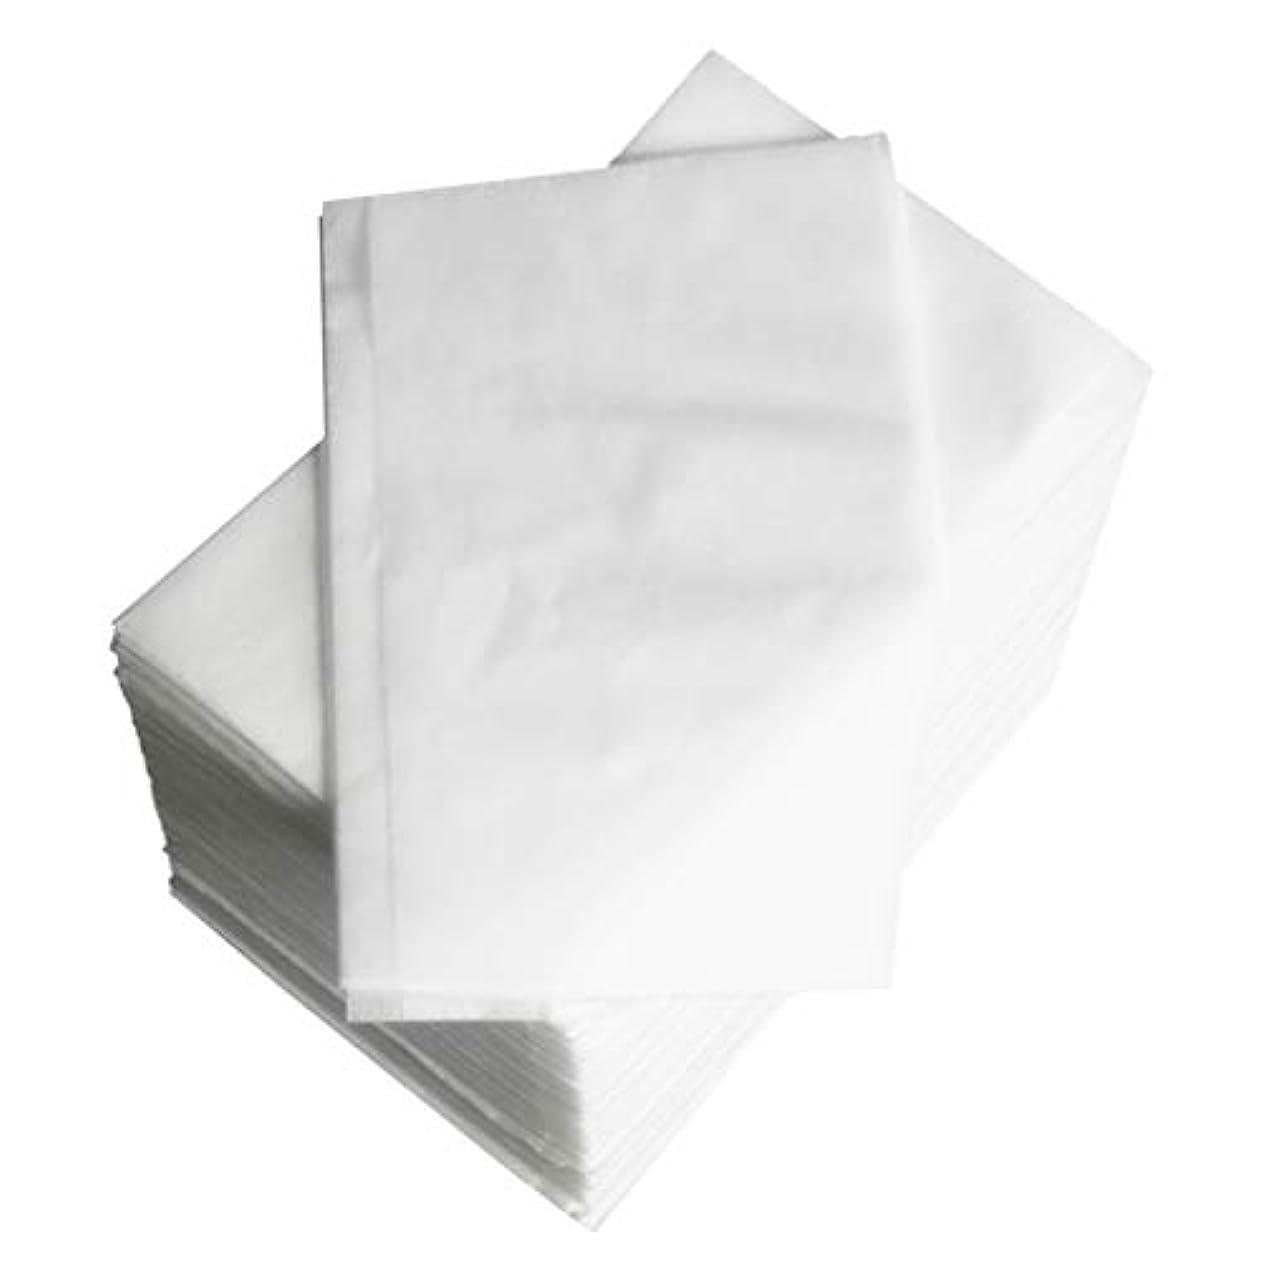 マカダム資金評判約100個 使い捨て マッサージ テーブルシーツベッドカバー 80×180cm 不織布 ブルー - 白